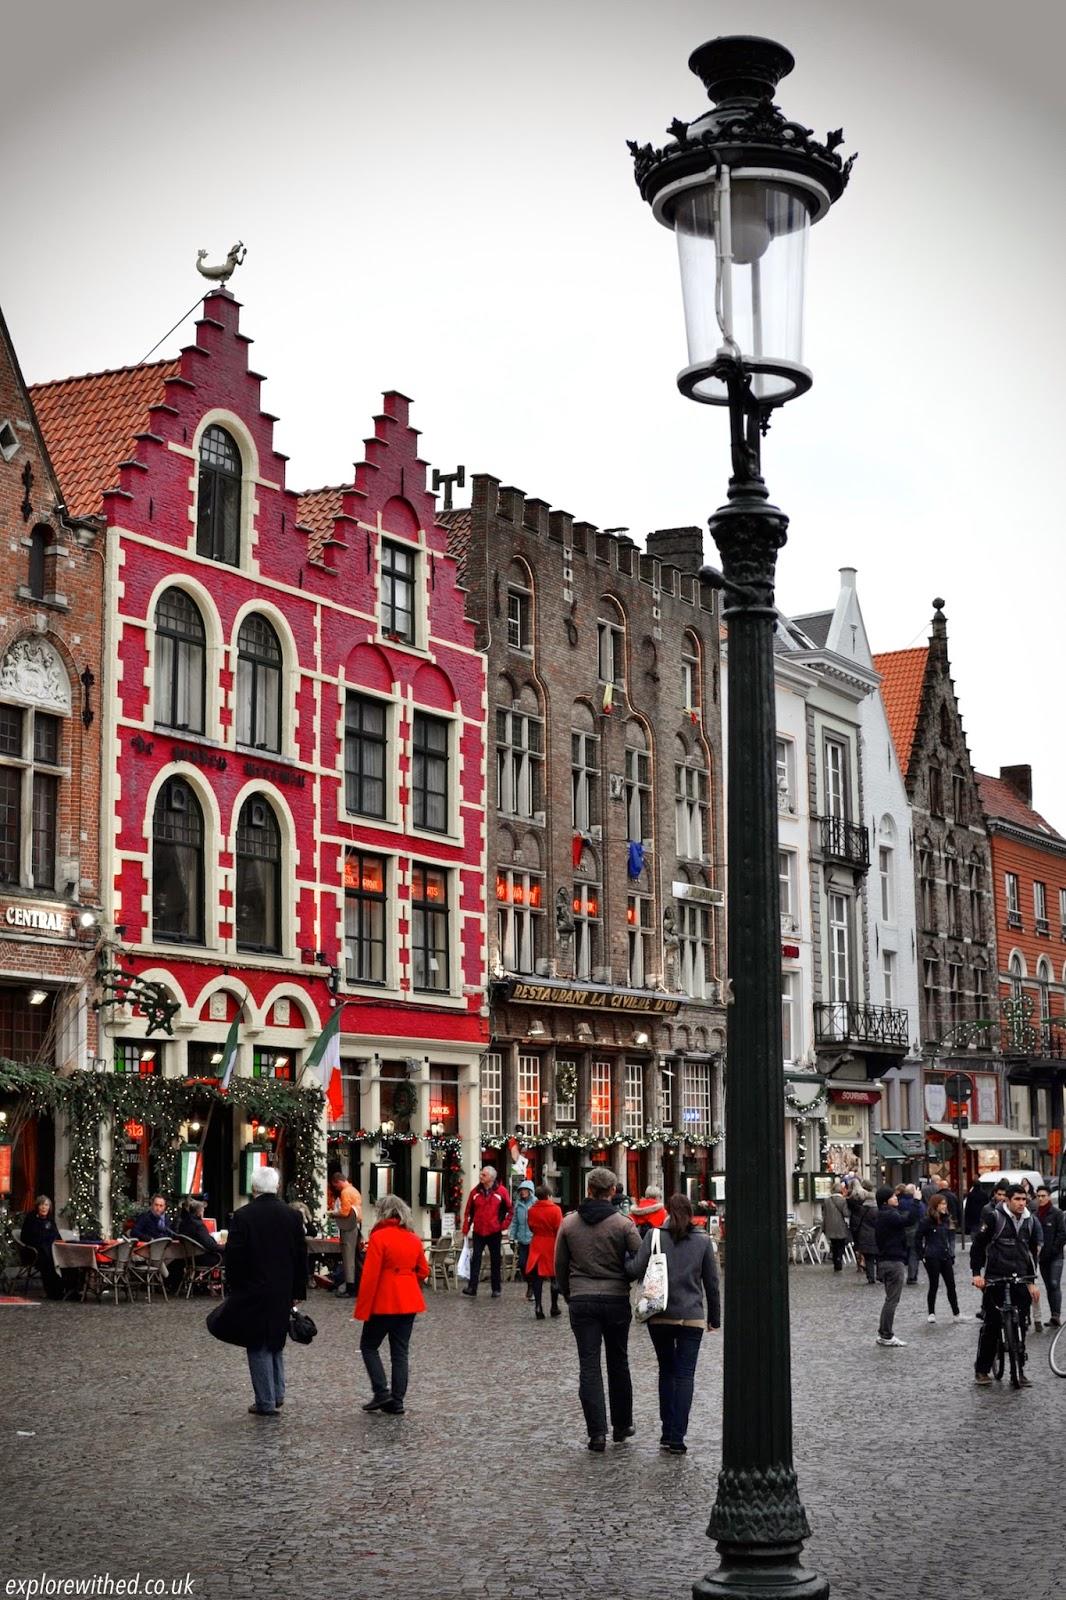 Red brick buildings in Bruges